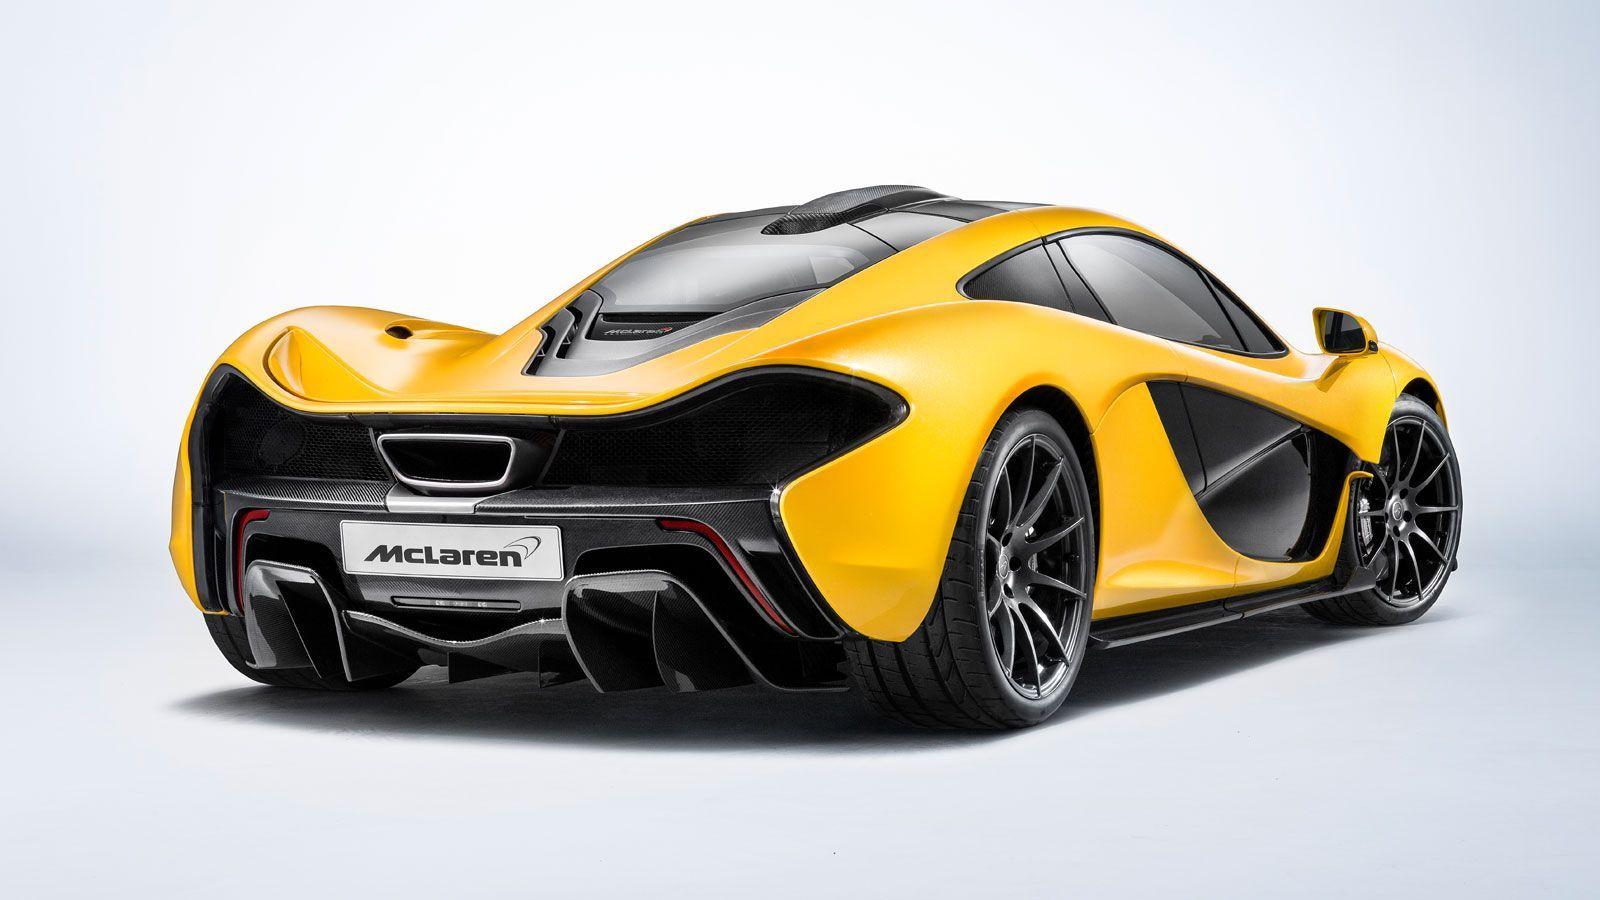 Luxury Cars Mclaren P1 Super Cars Mclaren